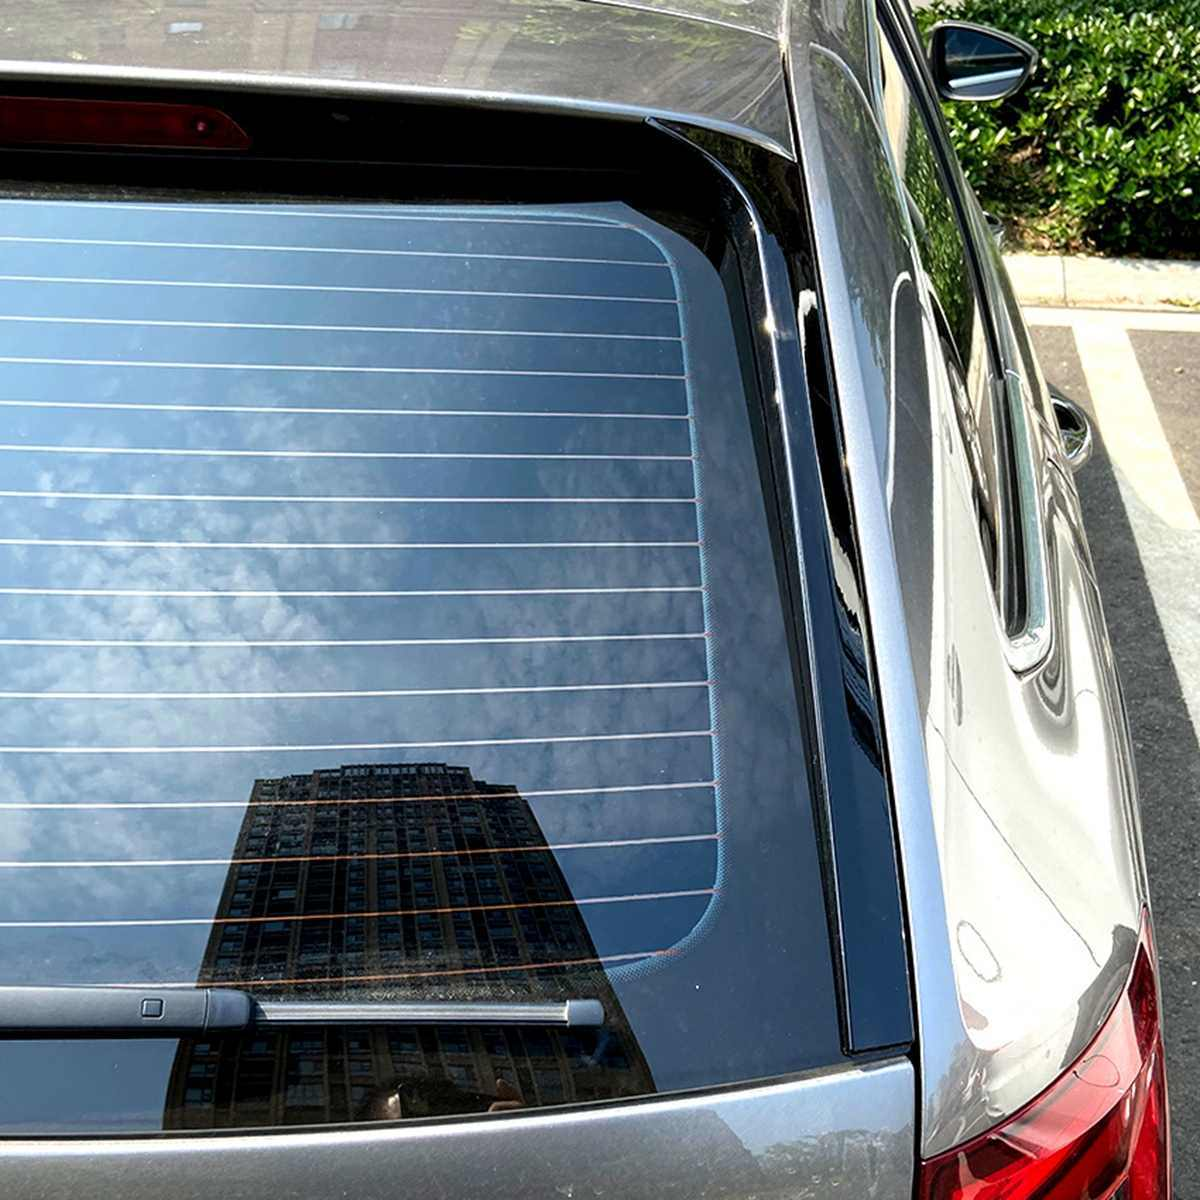 Gloss Hitam Belakang Sisi Spoiler Wing untuk Skoda Octavia Estate 2014-2019 Mobil-Styling Auto Jendela Belakang cermin Ekor Accessorie